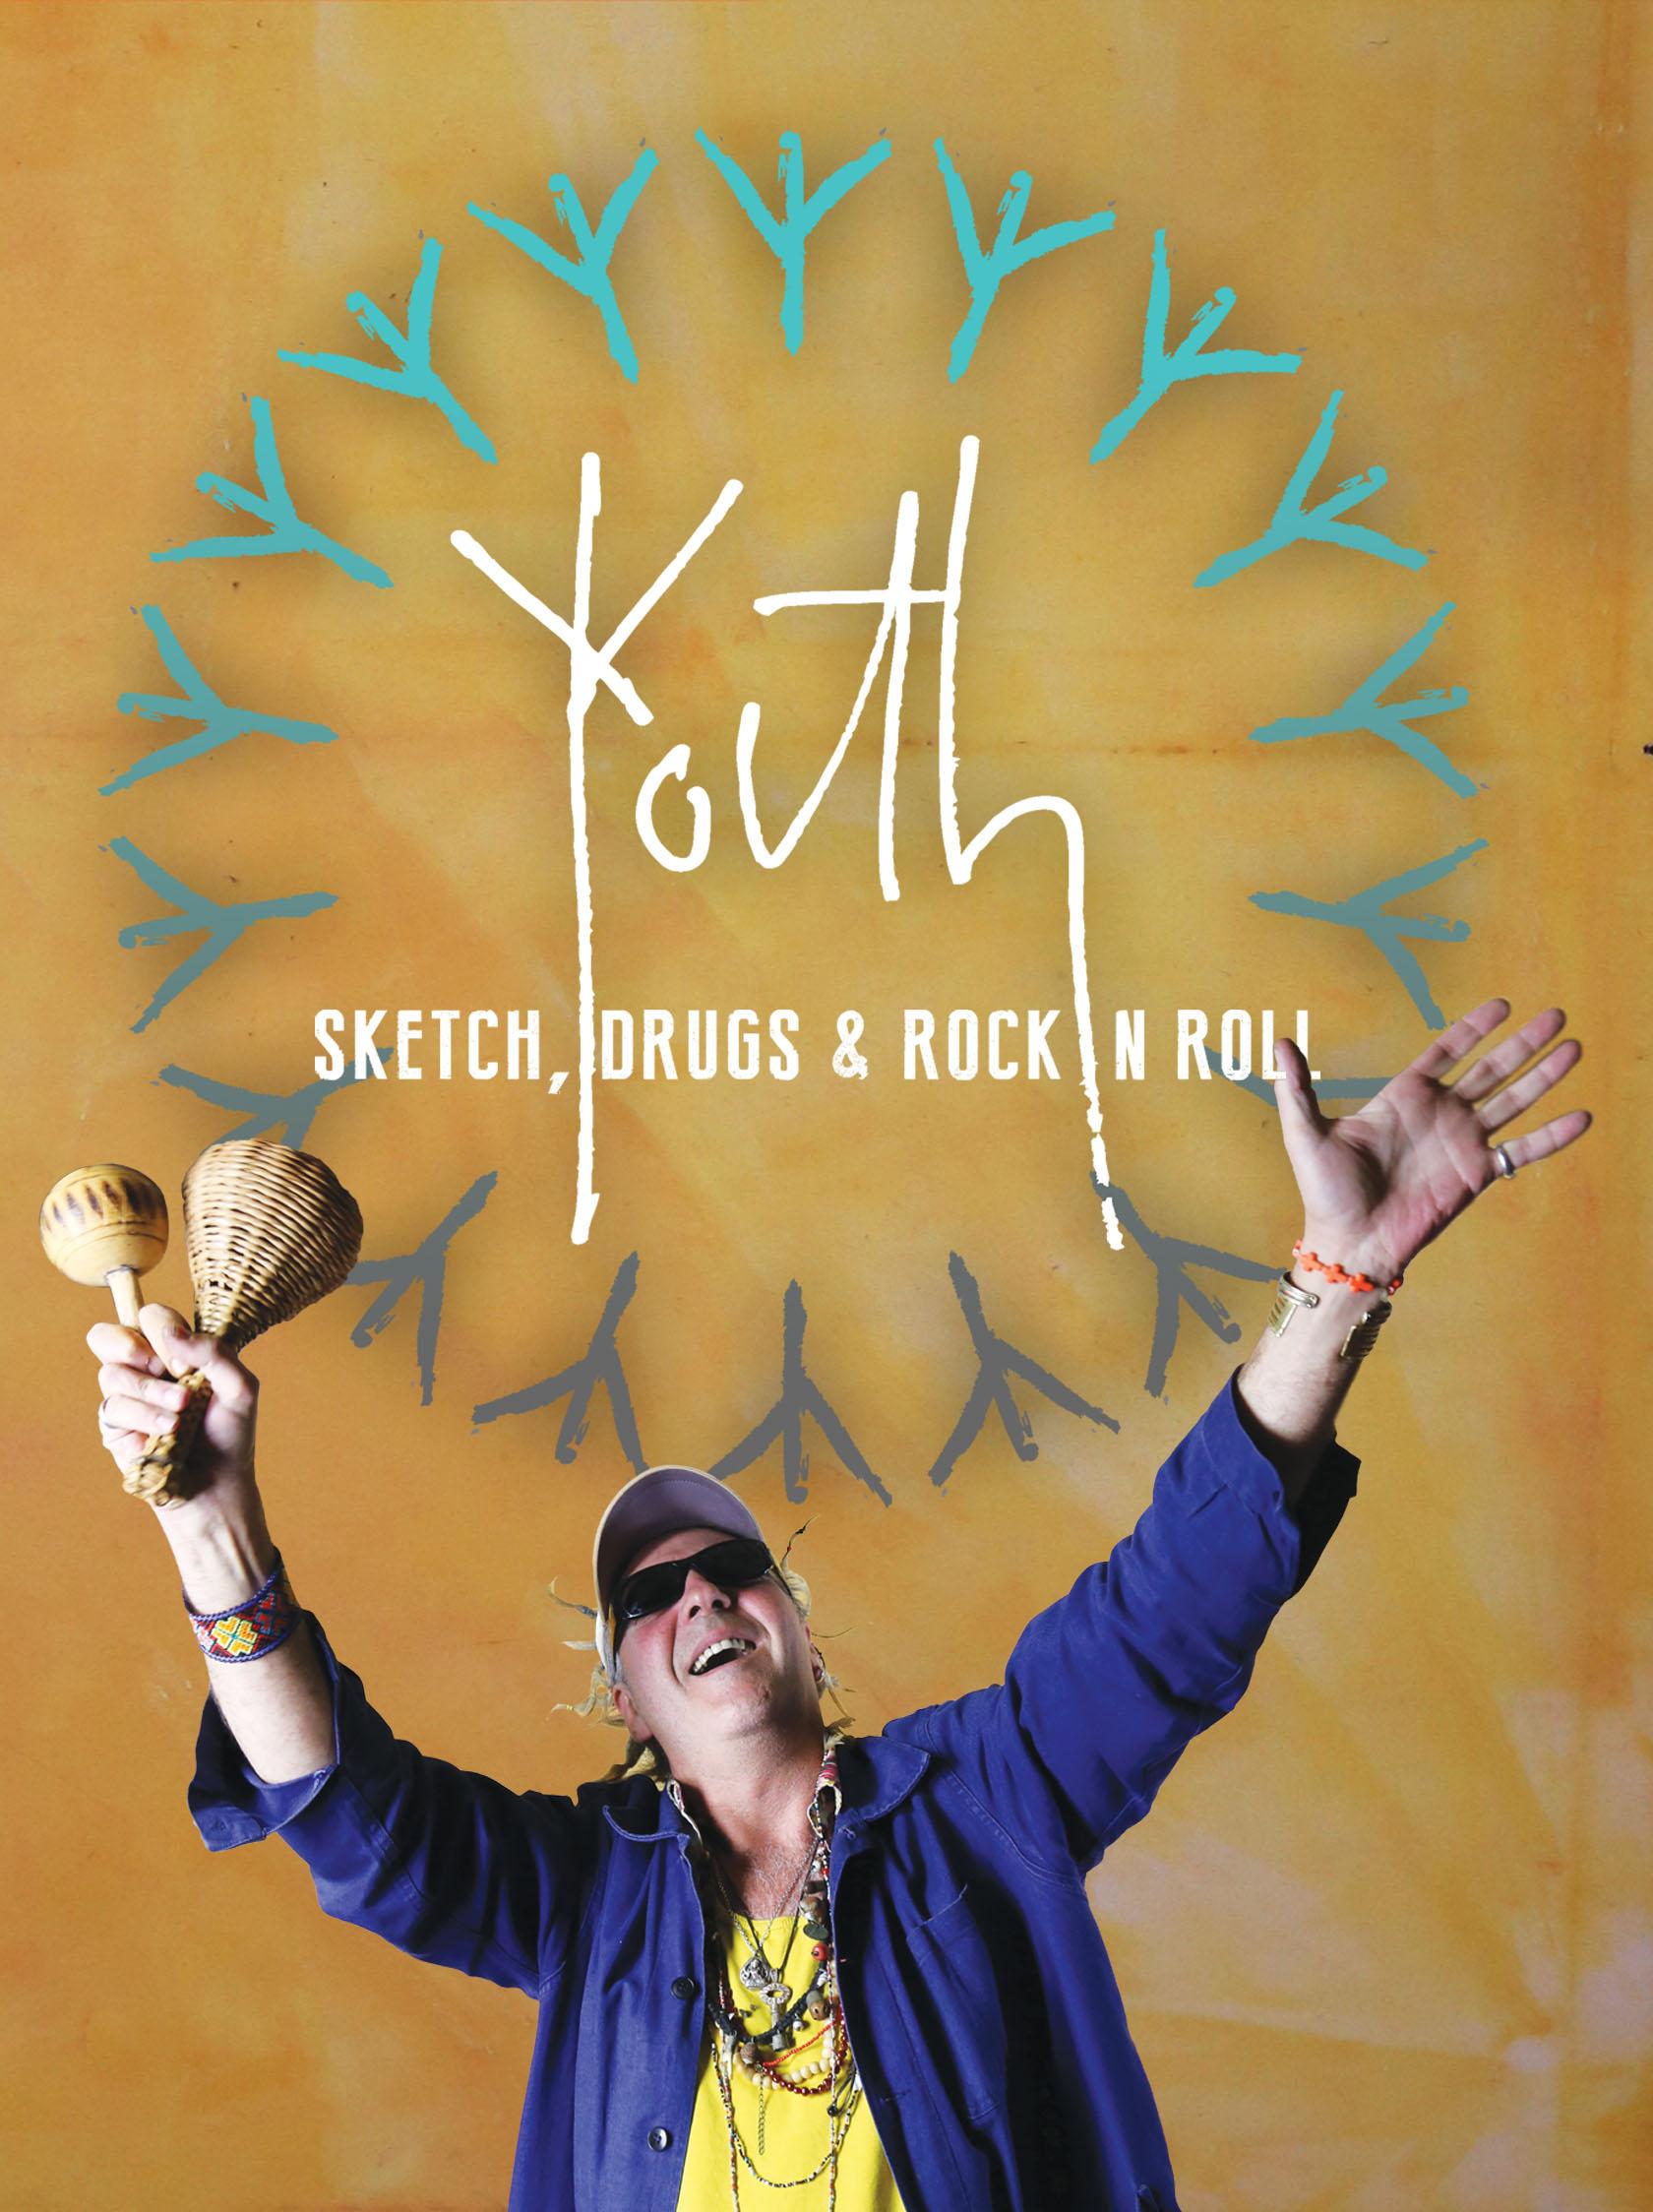 Sketch, Drugs & Rock N Roll - DVD - Killing Joke